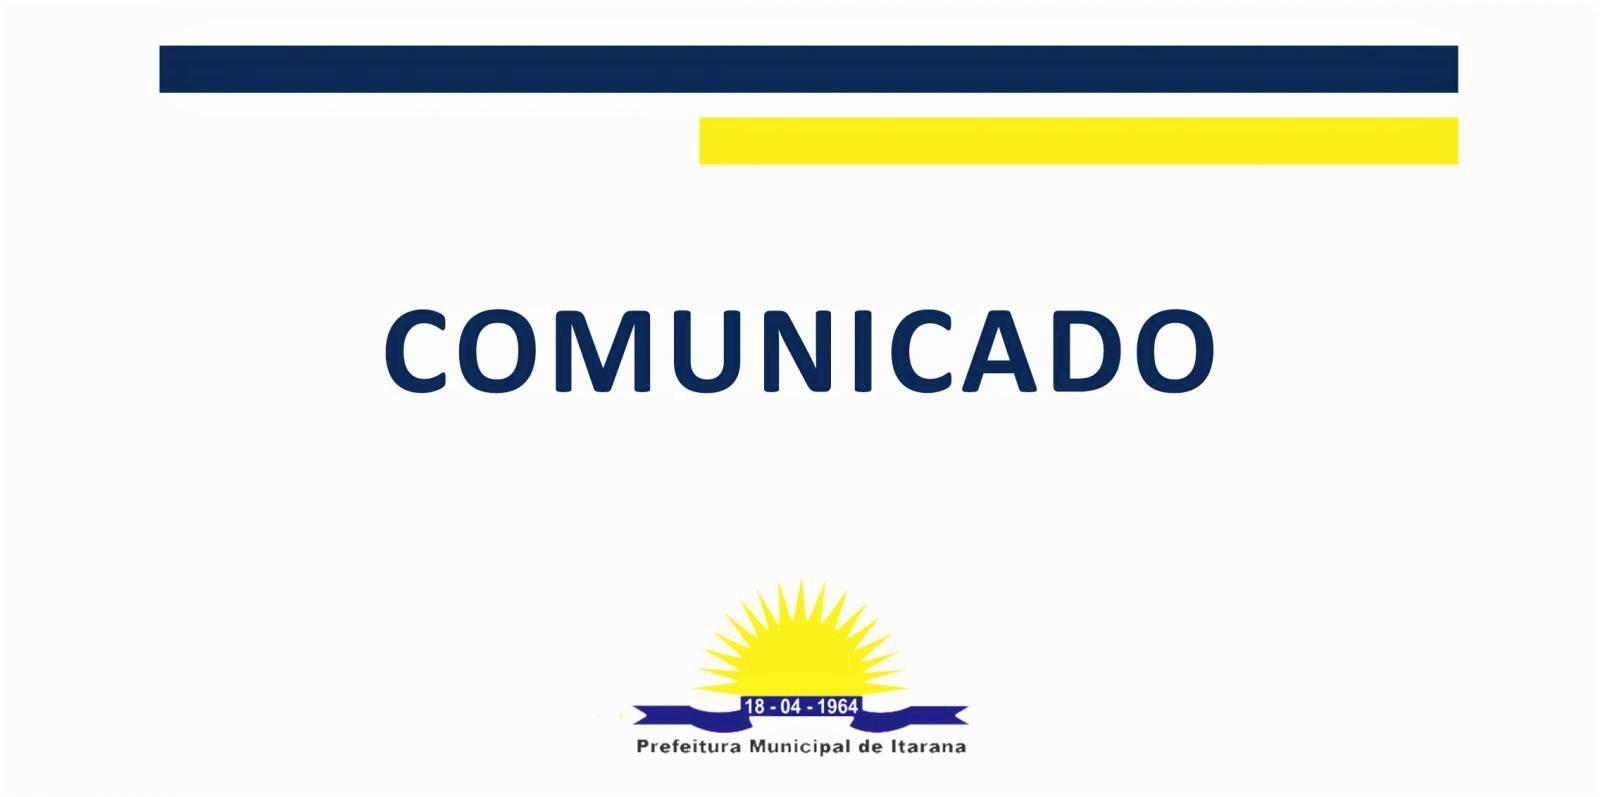 Comunicado - Feira Livre de Itarana será transferida nesta sexta-feira